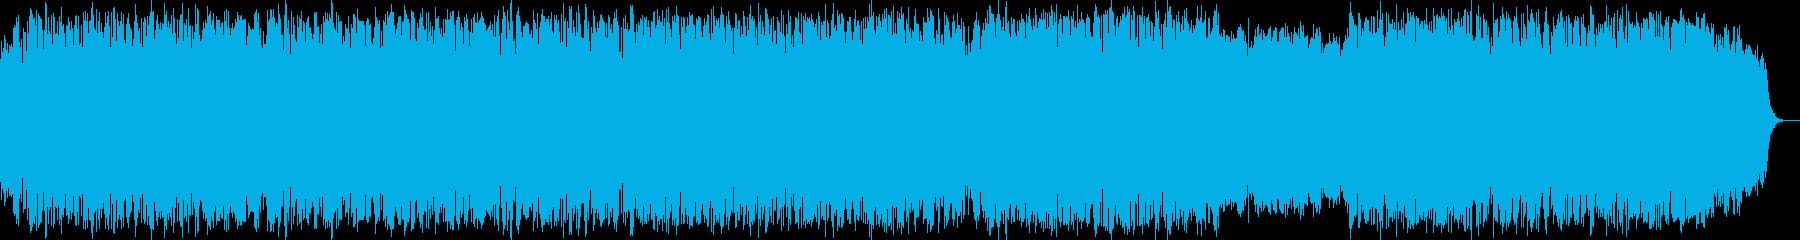 ほのぼの明るく前向きな笛のヒーリング音楽の再生済みの波形